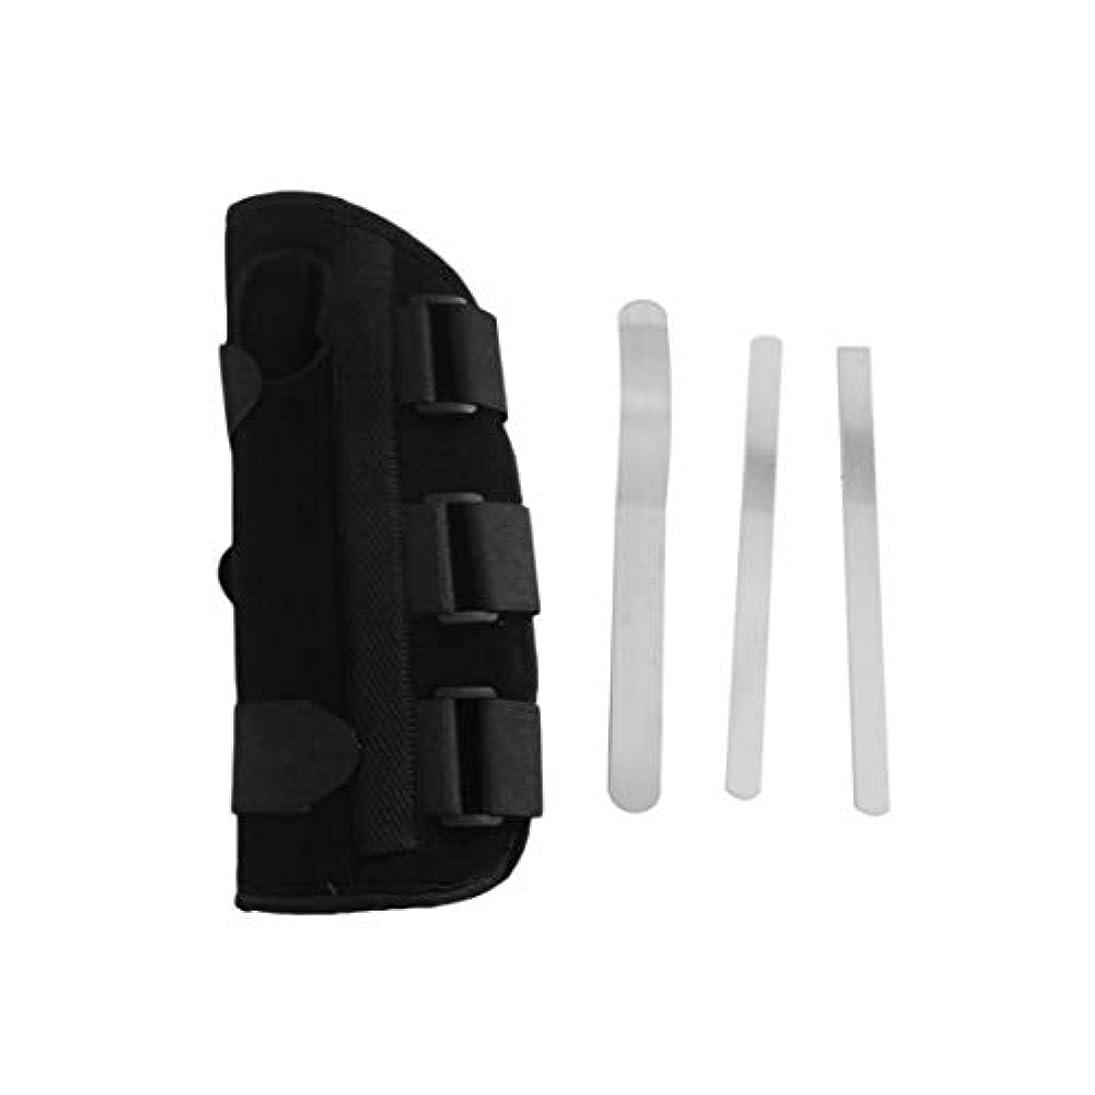 前売フィールド可動式手首副木ブレース保護サポートストラップカルペルトンネルCTS RSI痛み軽減取り外し可能な副木快適な軽量ストラップ - ブラックS